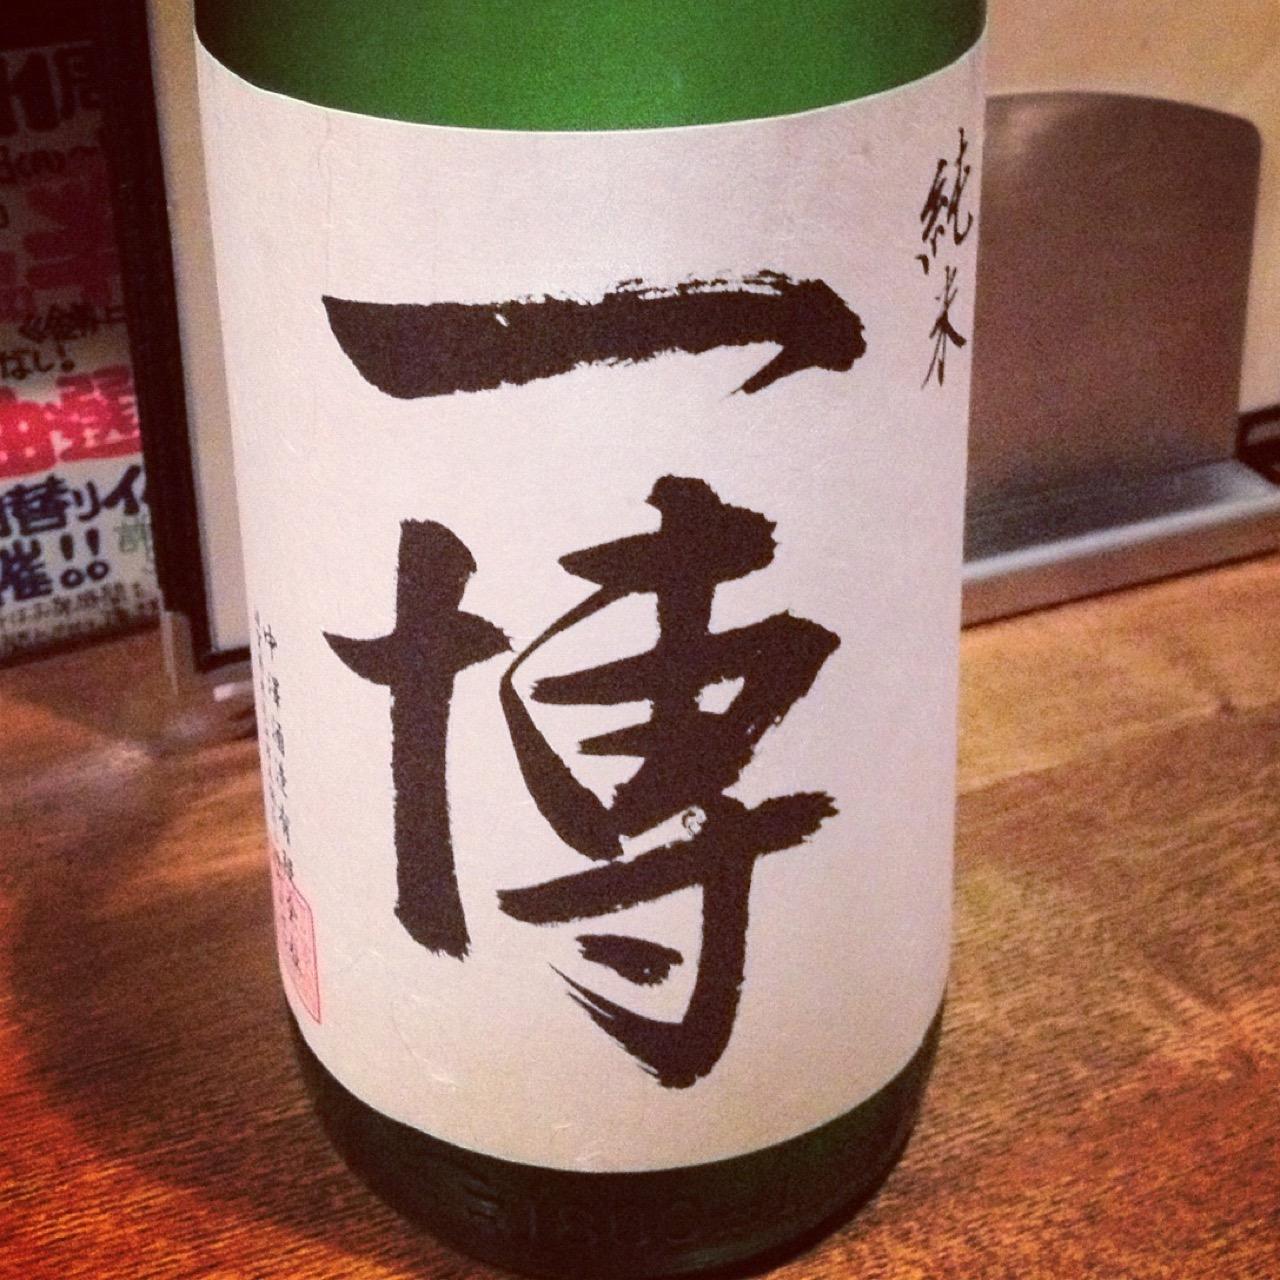 一博 純米 無ろ過生原酒|日本酒テイスティングノート